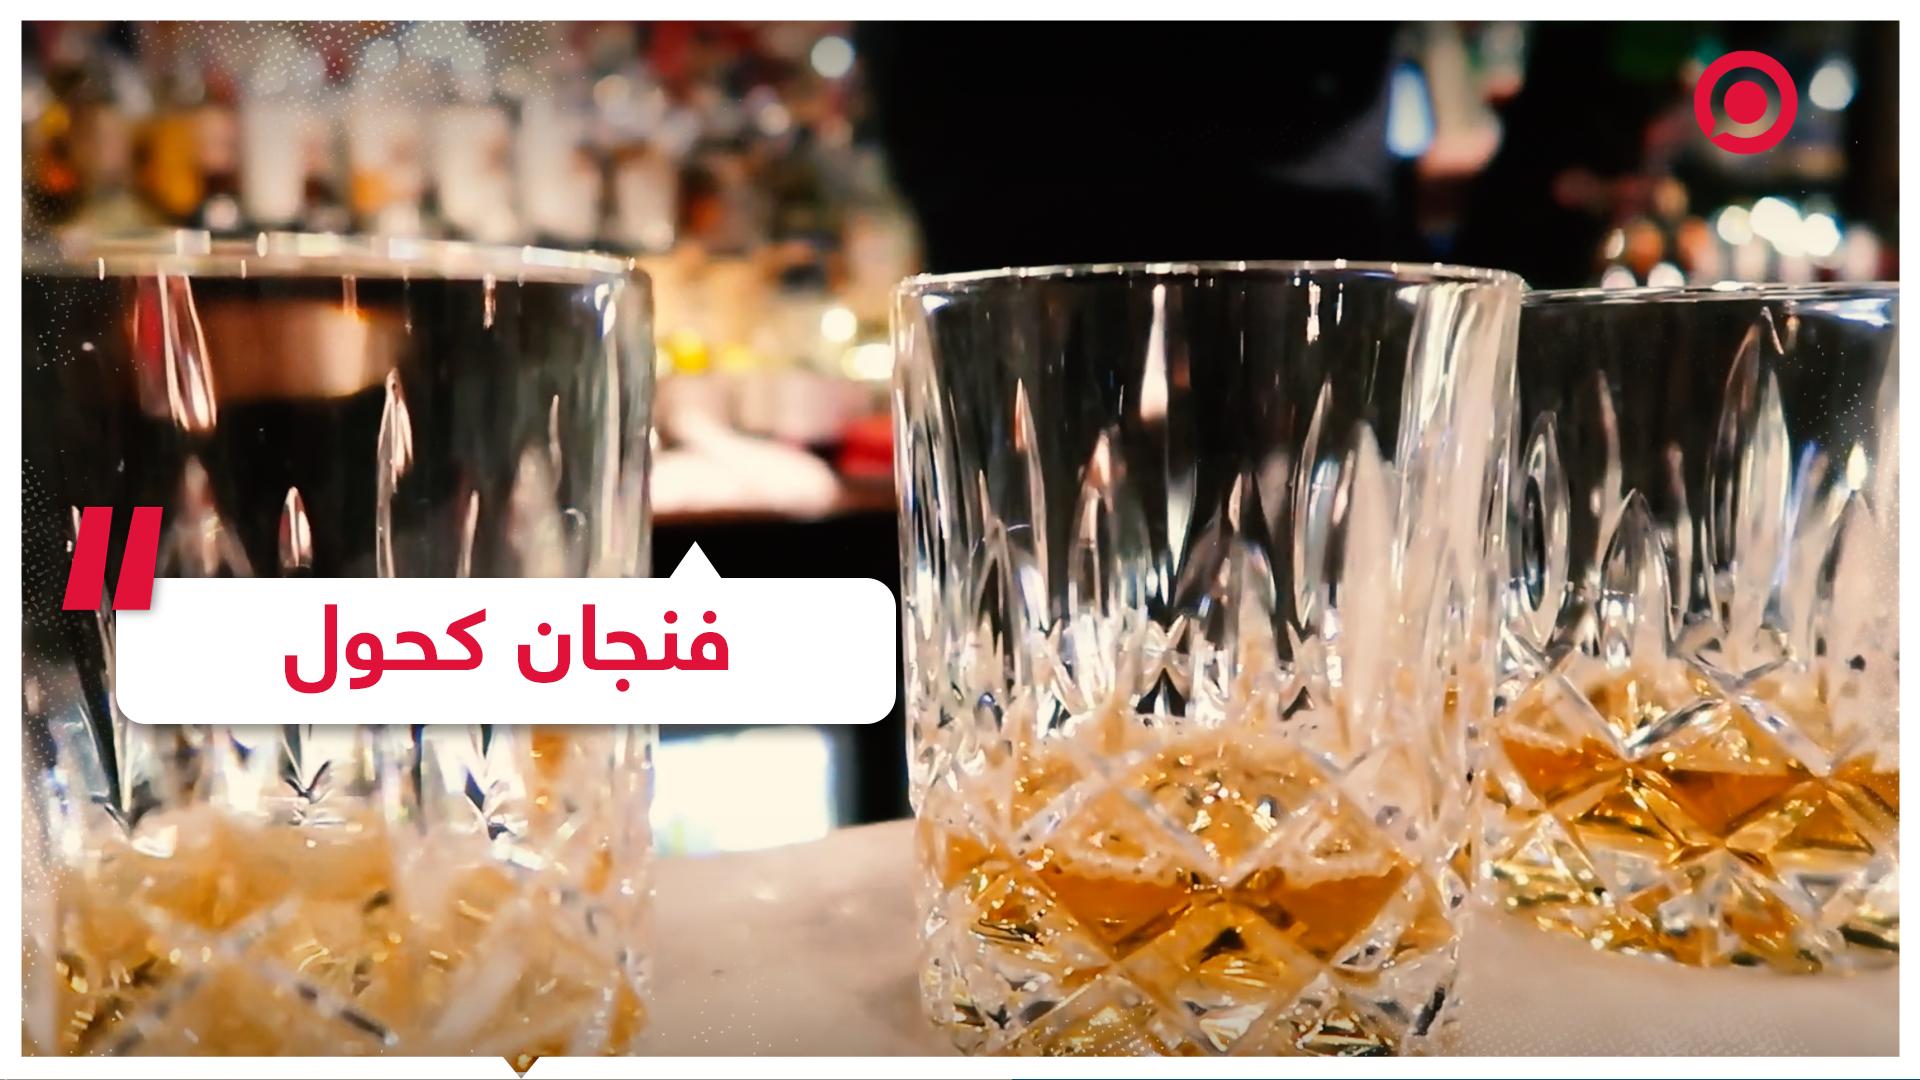 #السعودية #كحول #مشروبات #خمر